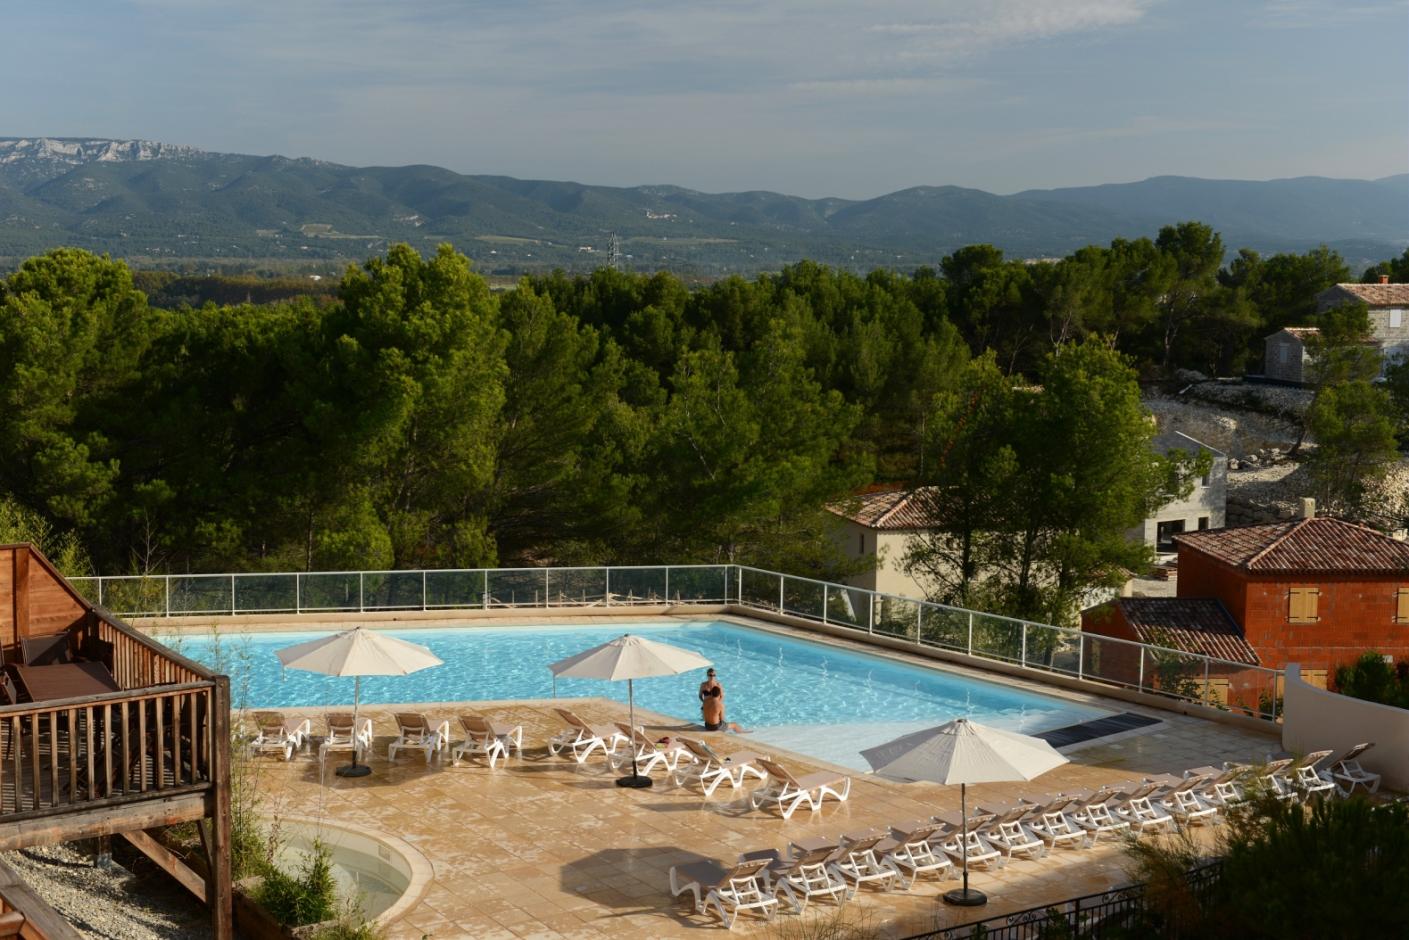 Ferienwohnung Les Coteaux de Pont Royal 2p4p STD (1043048), Mallemort, Bouches-du-Rhône, Provence - Alpen - Côte d'Azur, Frankreich, Bild 26